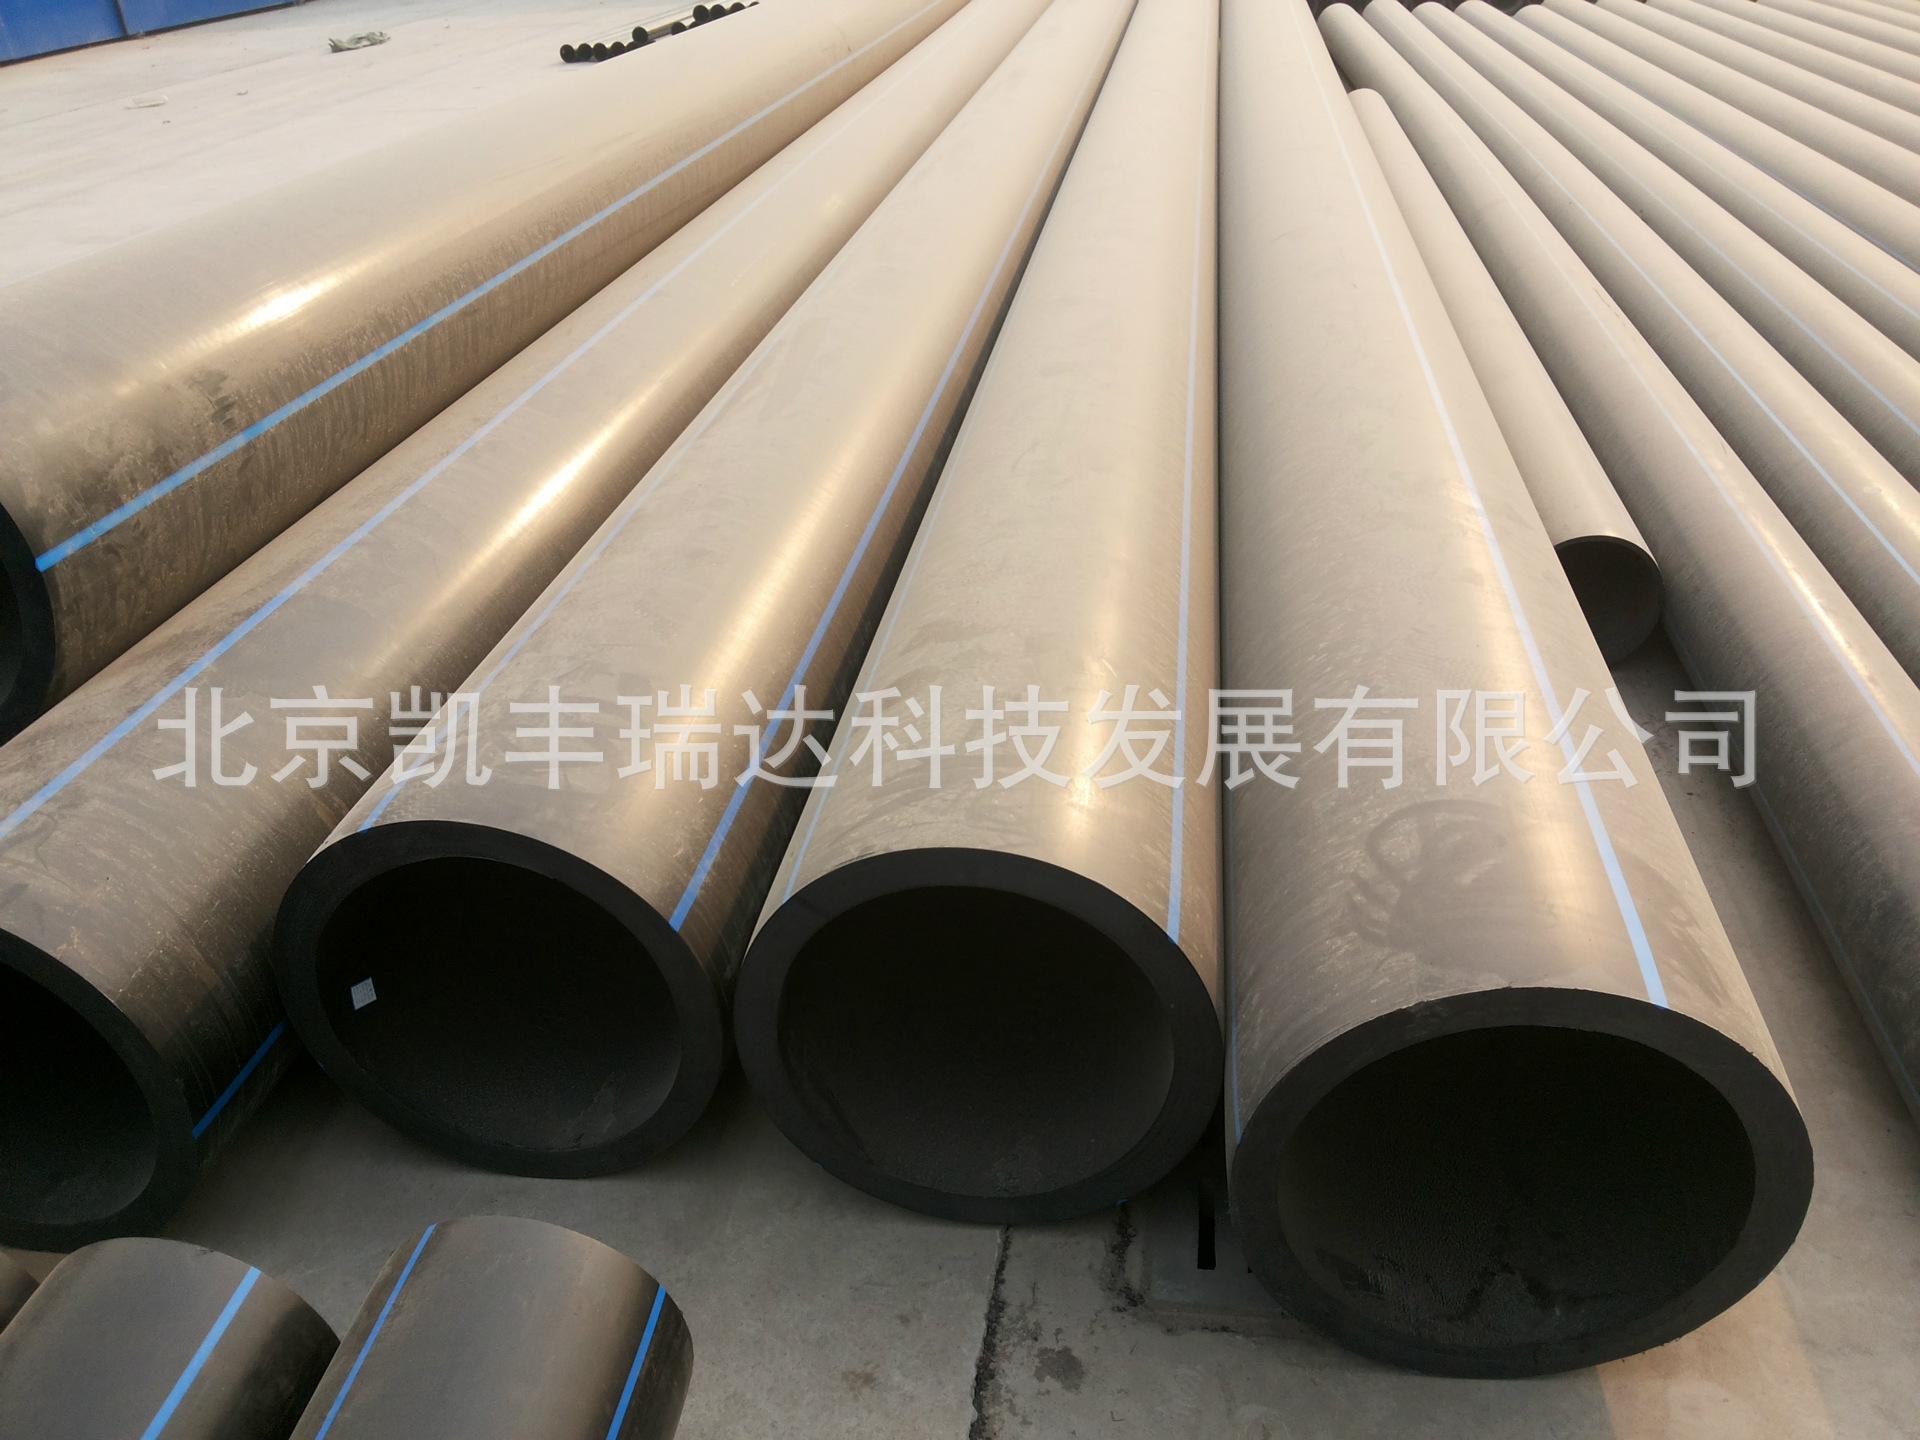 聚乙烯管材 pe塑料管道 优质耐用 pe给水管 pe管 pe水管